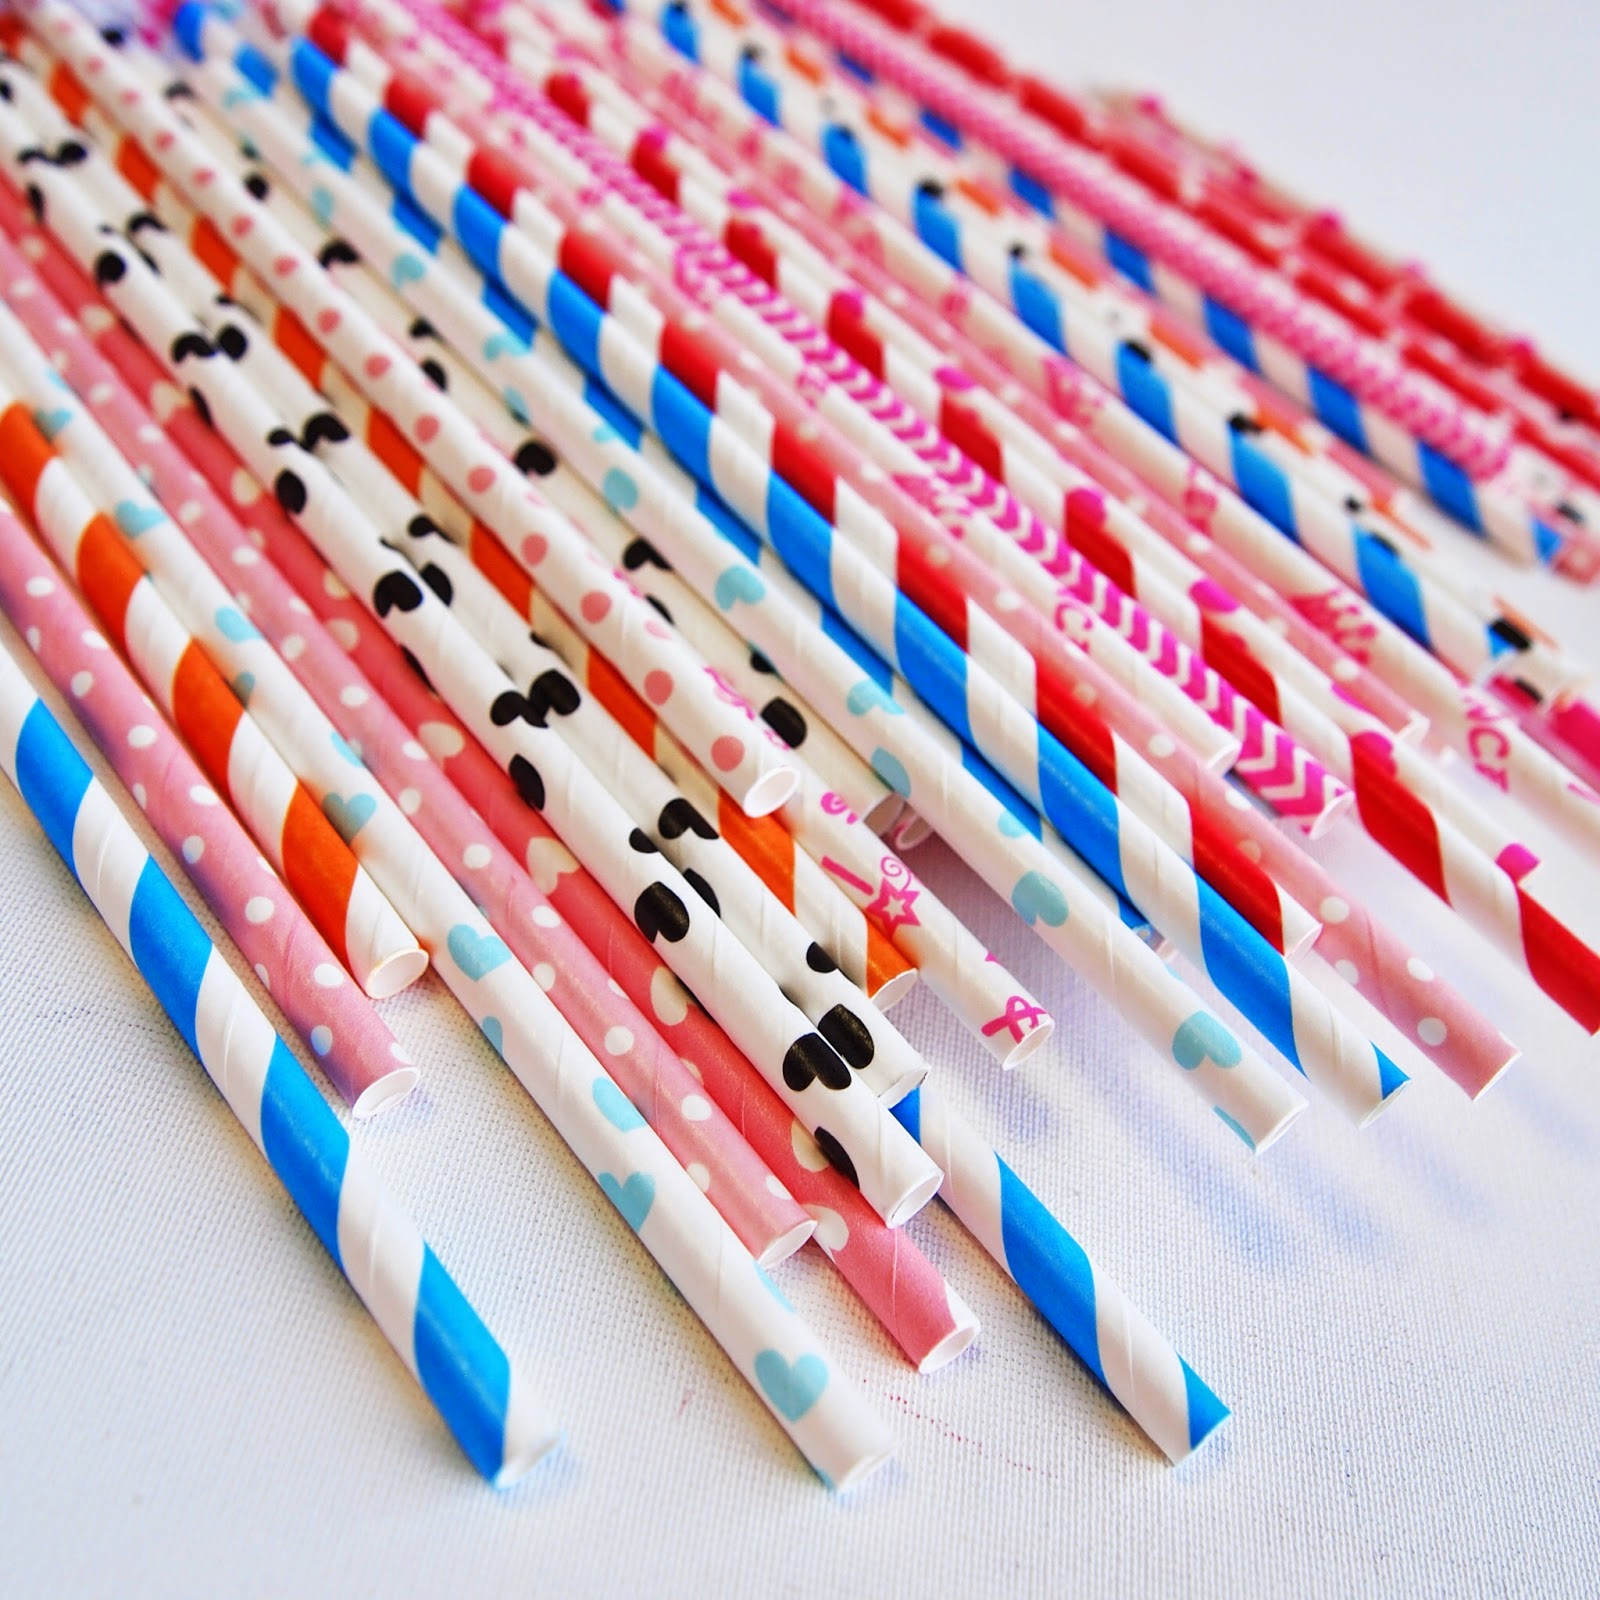 Renkli Sipariş Kağıt Pipetler